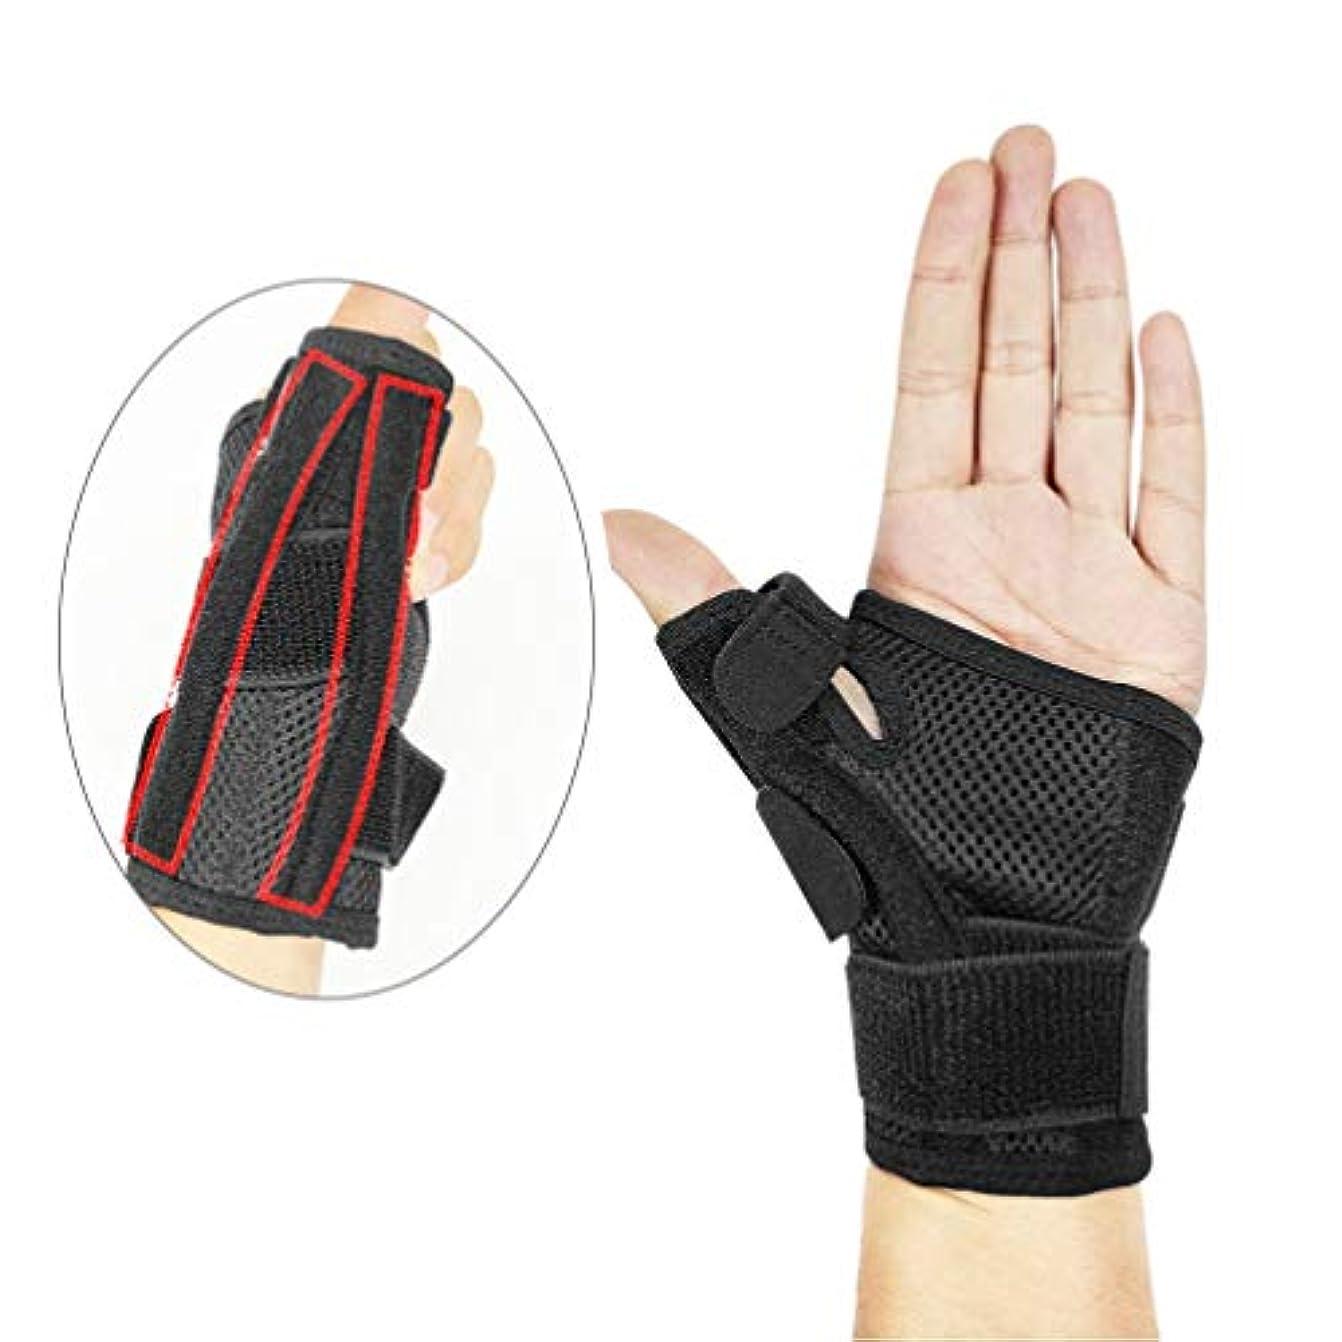 パイントミットよく話されるHeallily 手首の圧縮手首のトンネルの苦痛救助、関節炎、腱炎のための1つの手首の圧縮の袖の調節可能な手首の支柱の保護装置